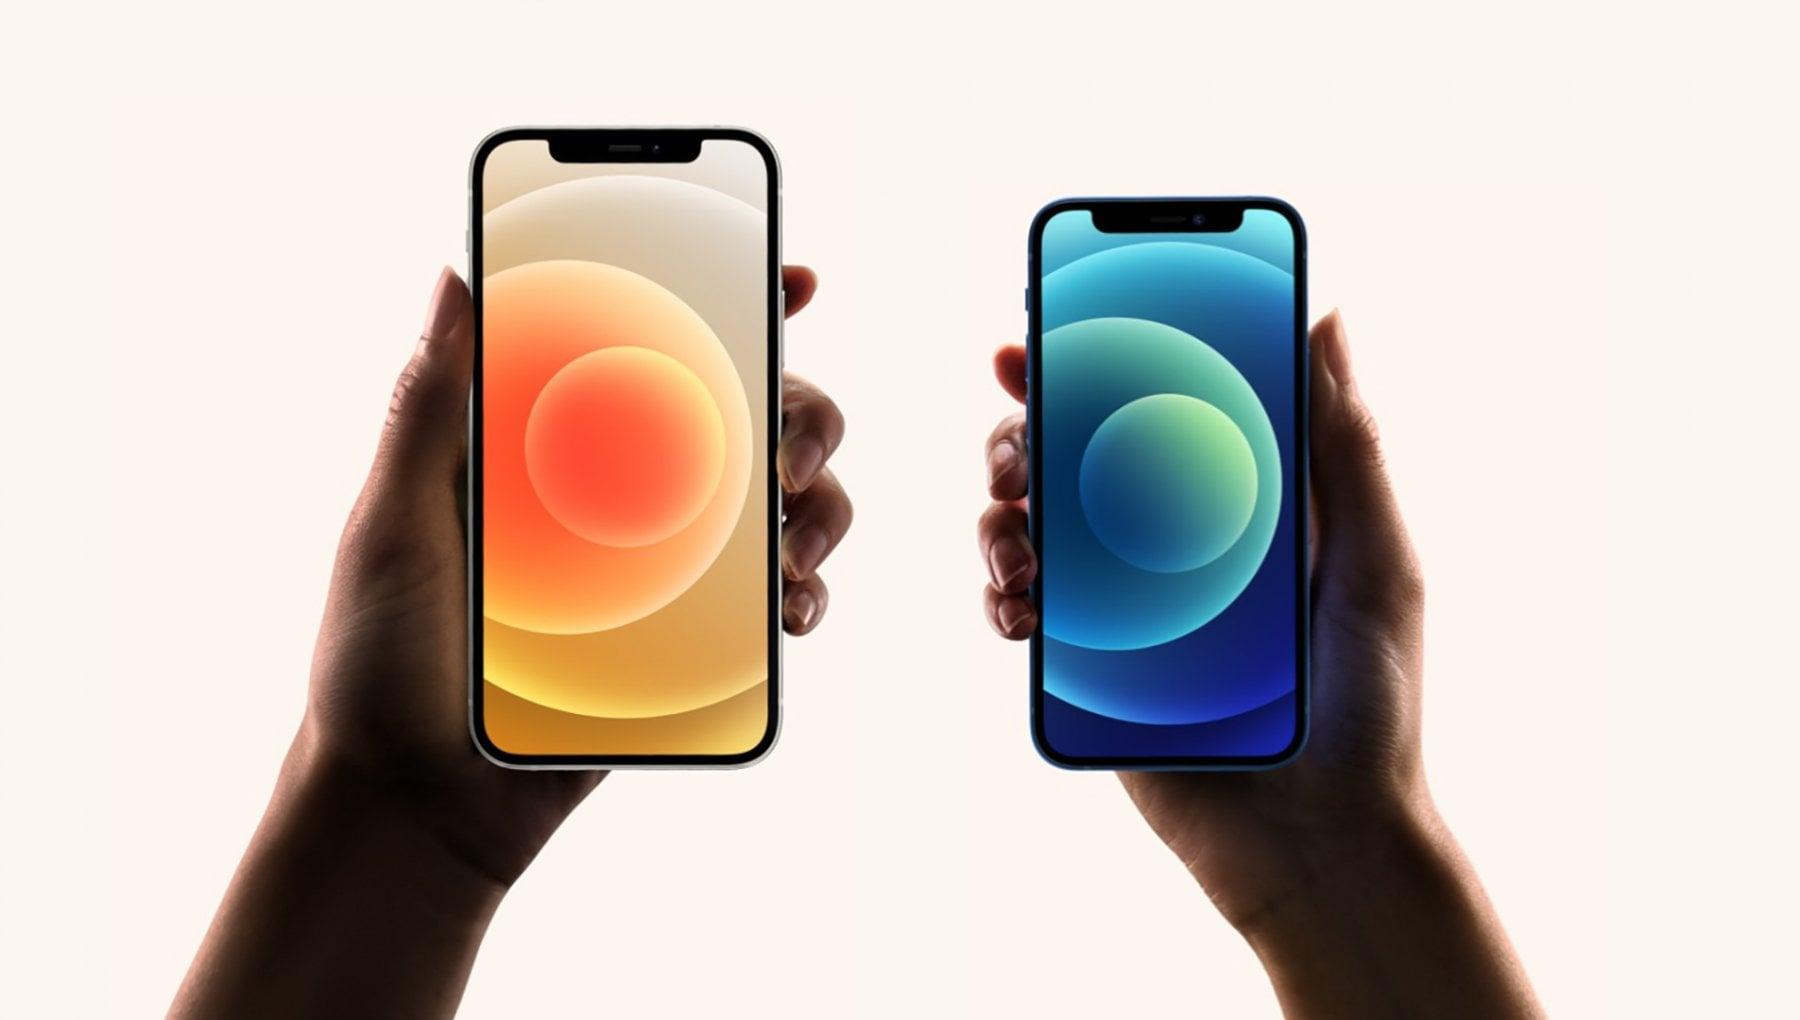 Apple iPhone 12 Mini e Pro Max, la prova: le dimensioni contano, tra potenza e funzionalità